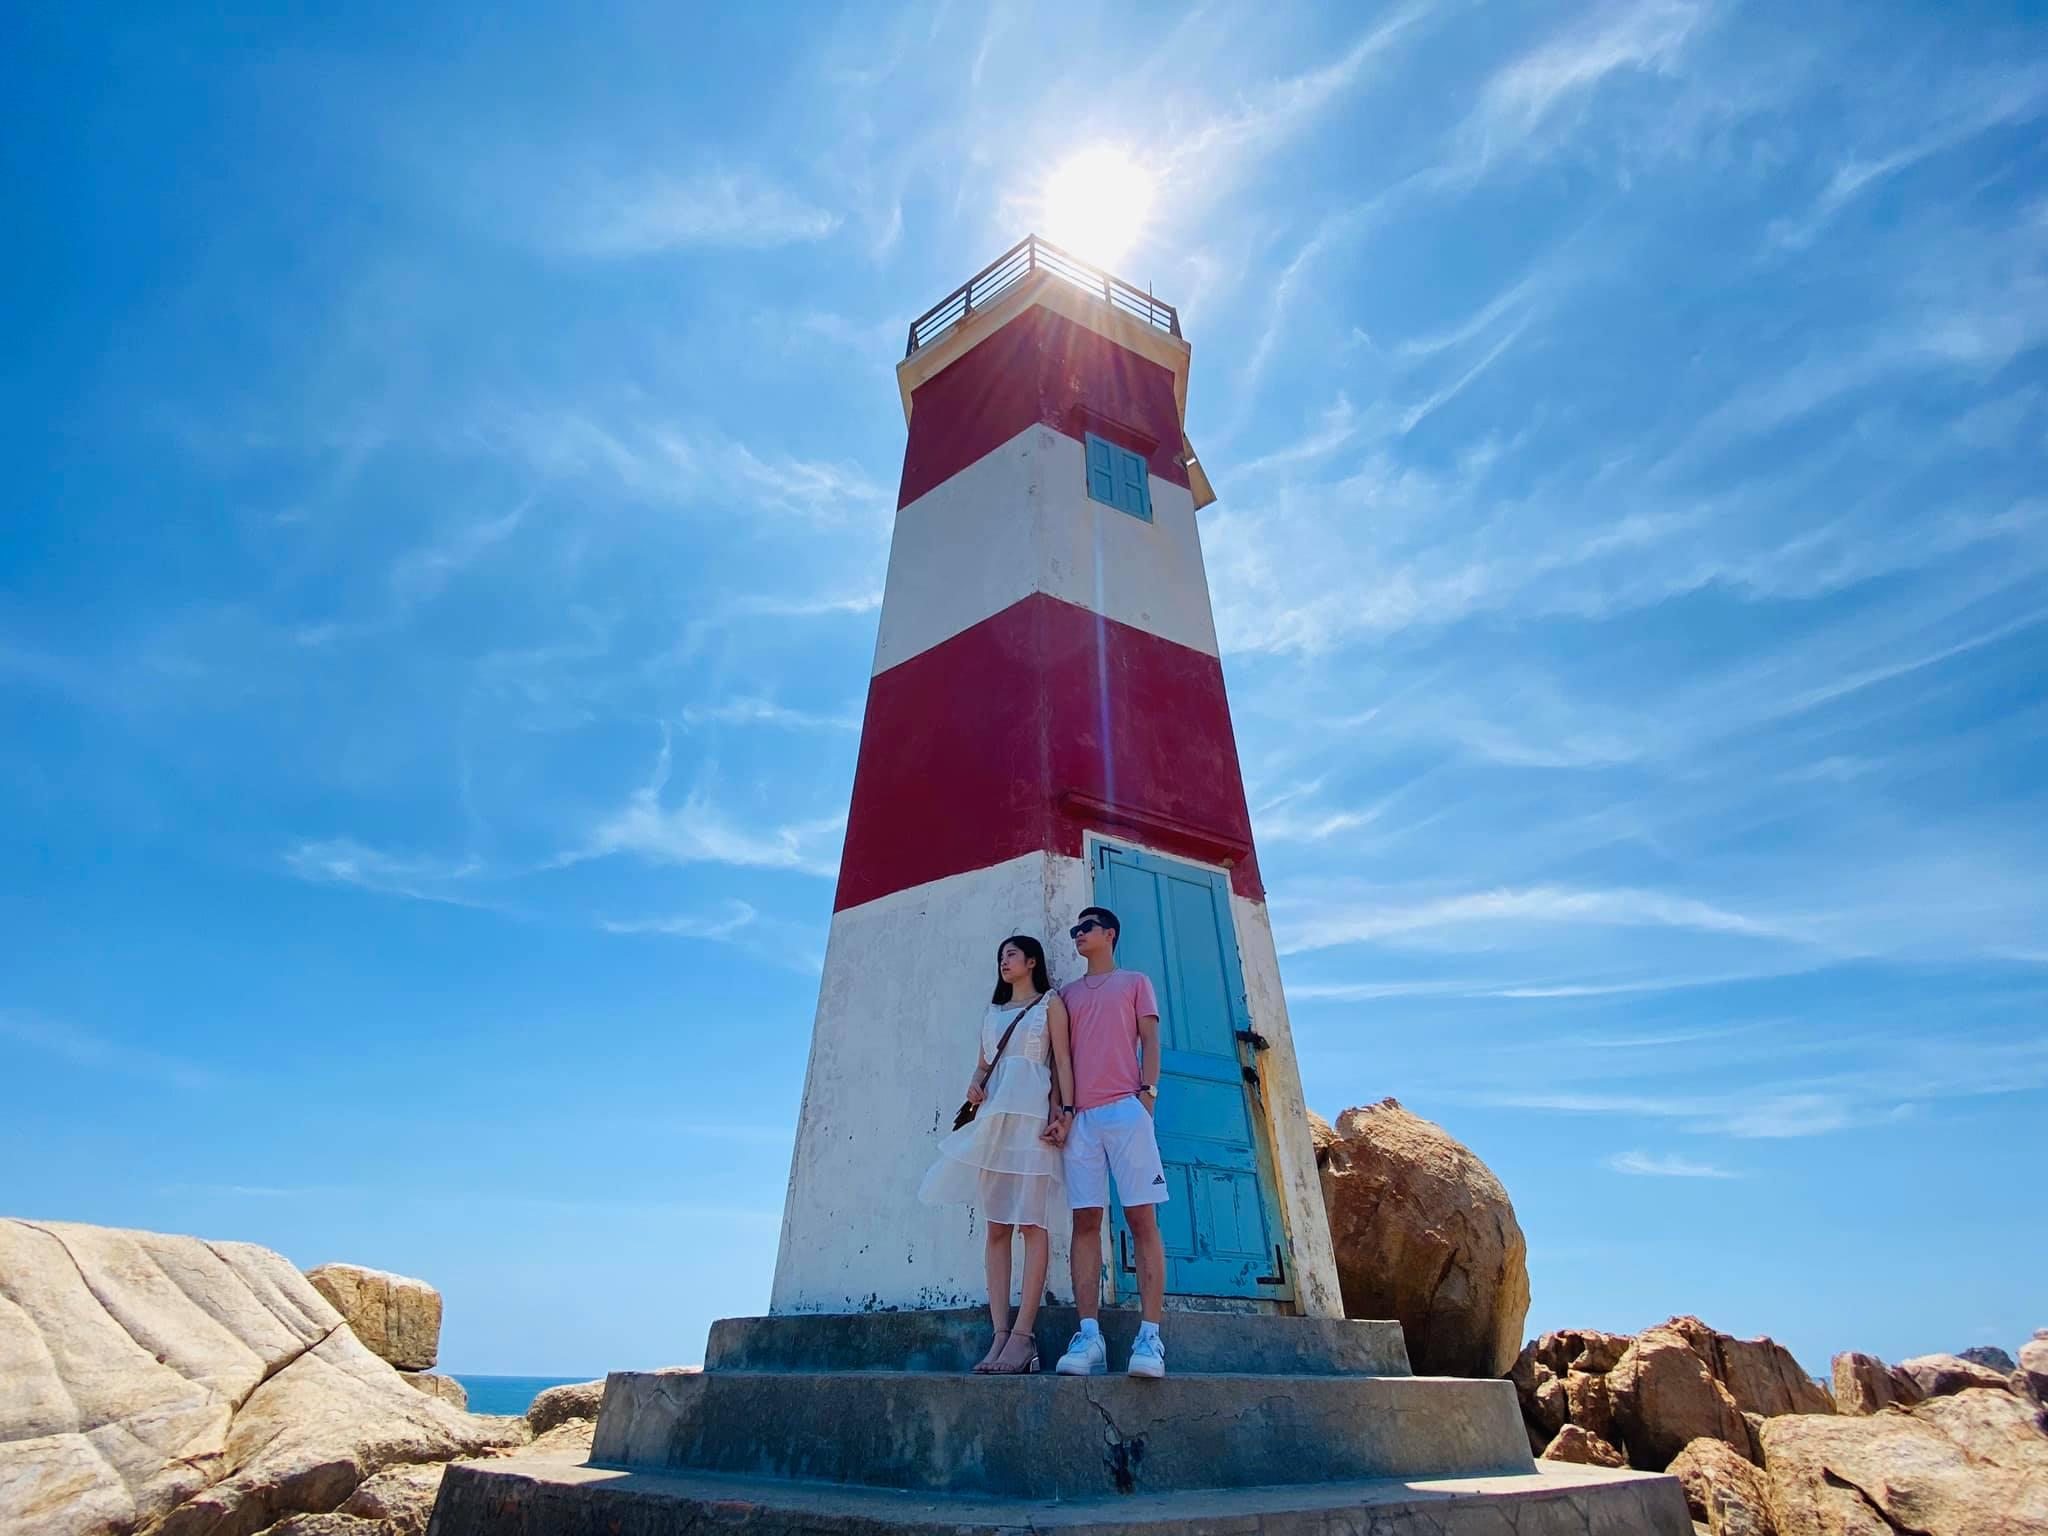 Chiêm ngưỡng vẻ đẹp Gành Đèn, 'viên ngọc' được cất giấu giữa biển trời Phú Yên  - Ảnh 4.